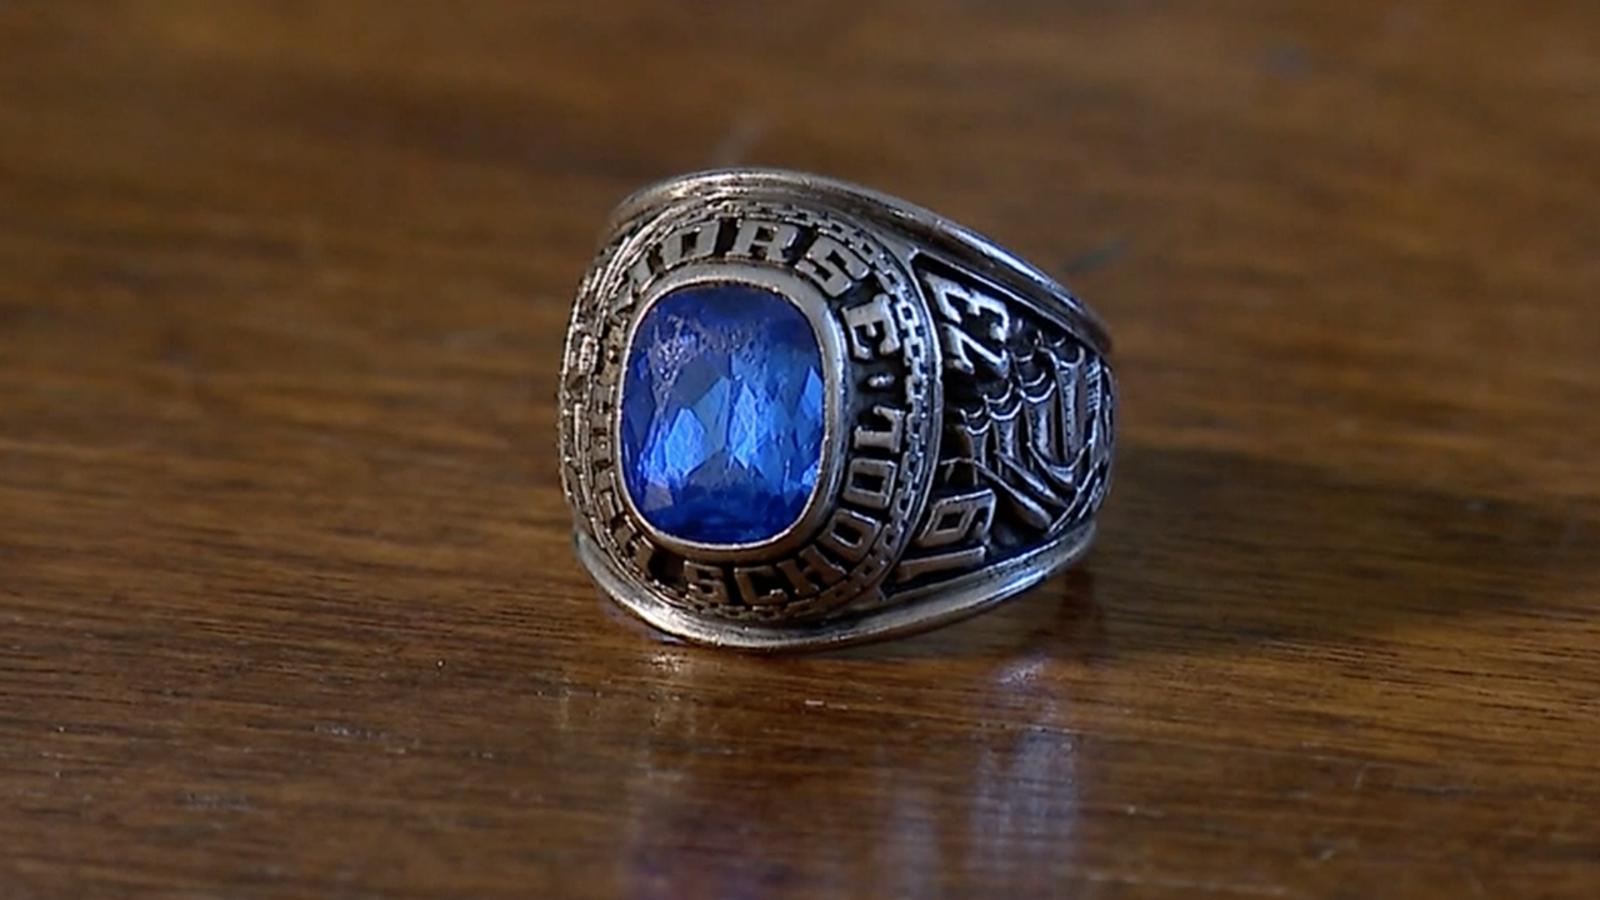 Debra McKenna's Lost Ring